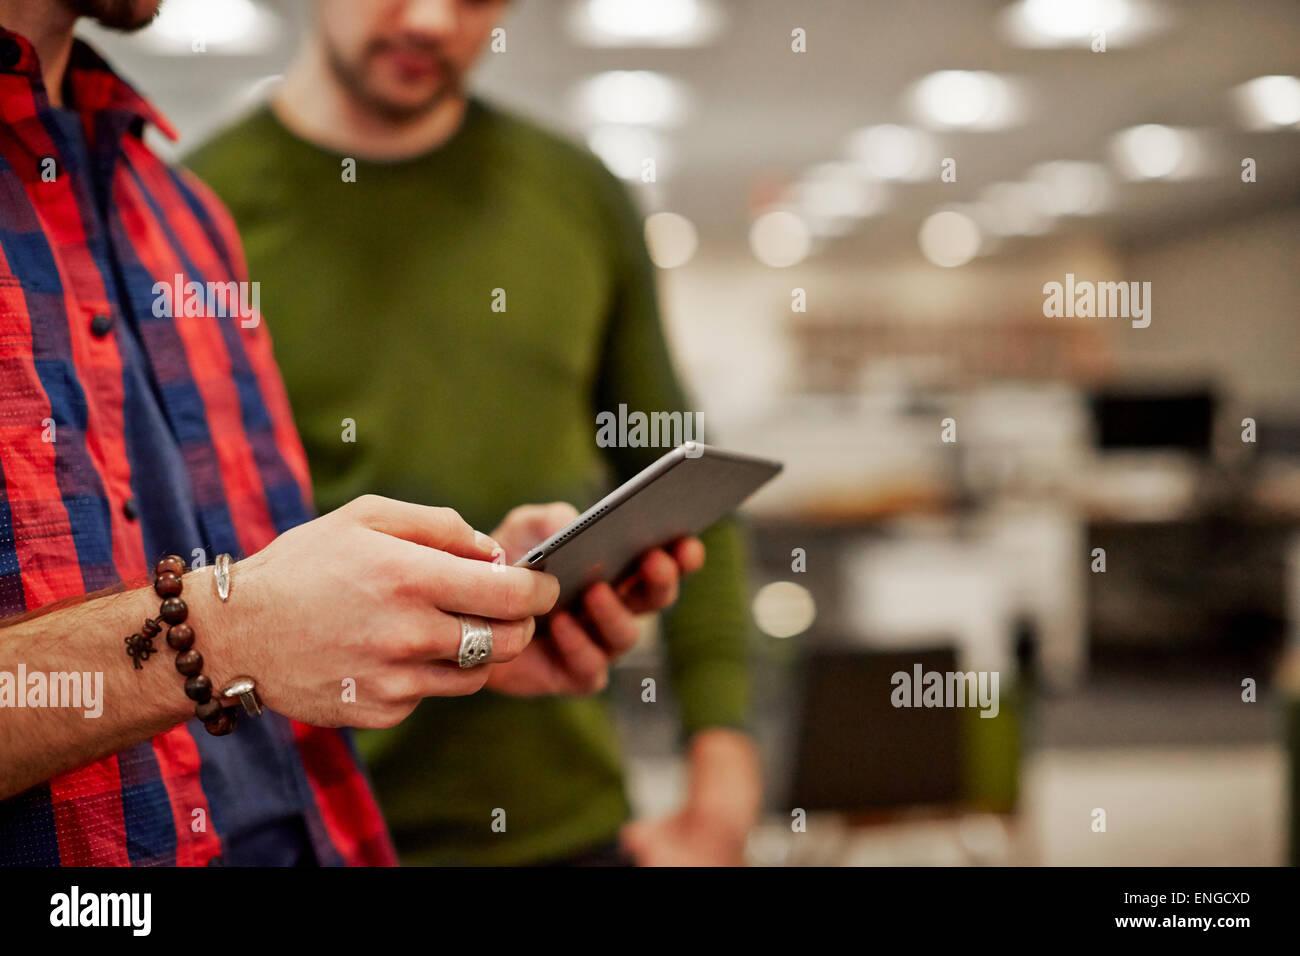 Zwei Männer, die eine digitale Tablet-Bildschirm betrachten. Stockfoto